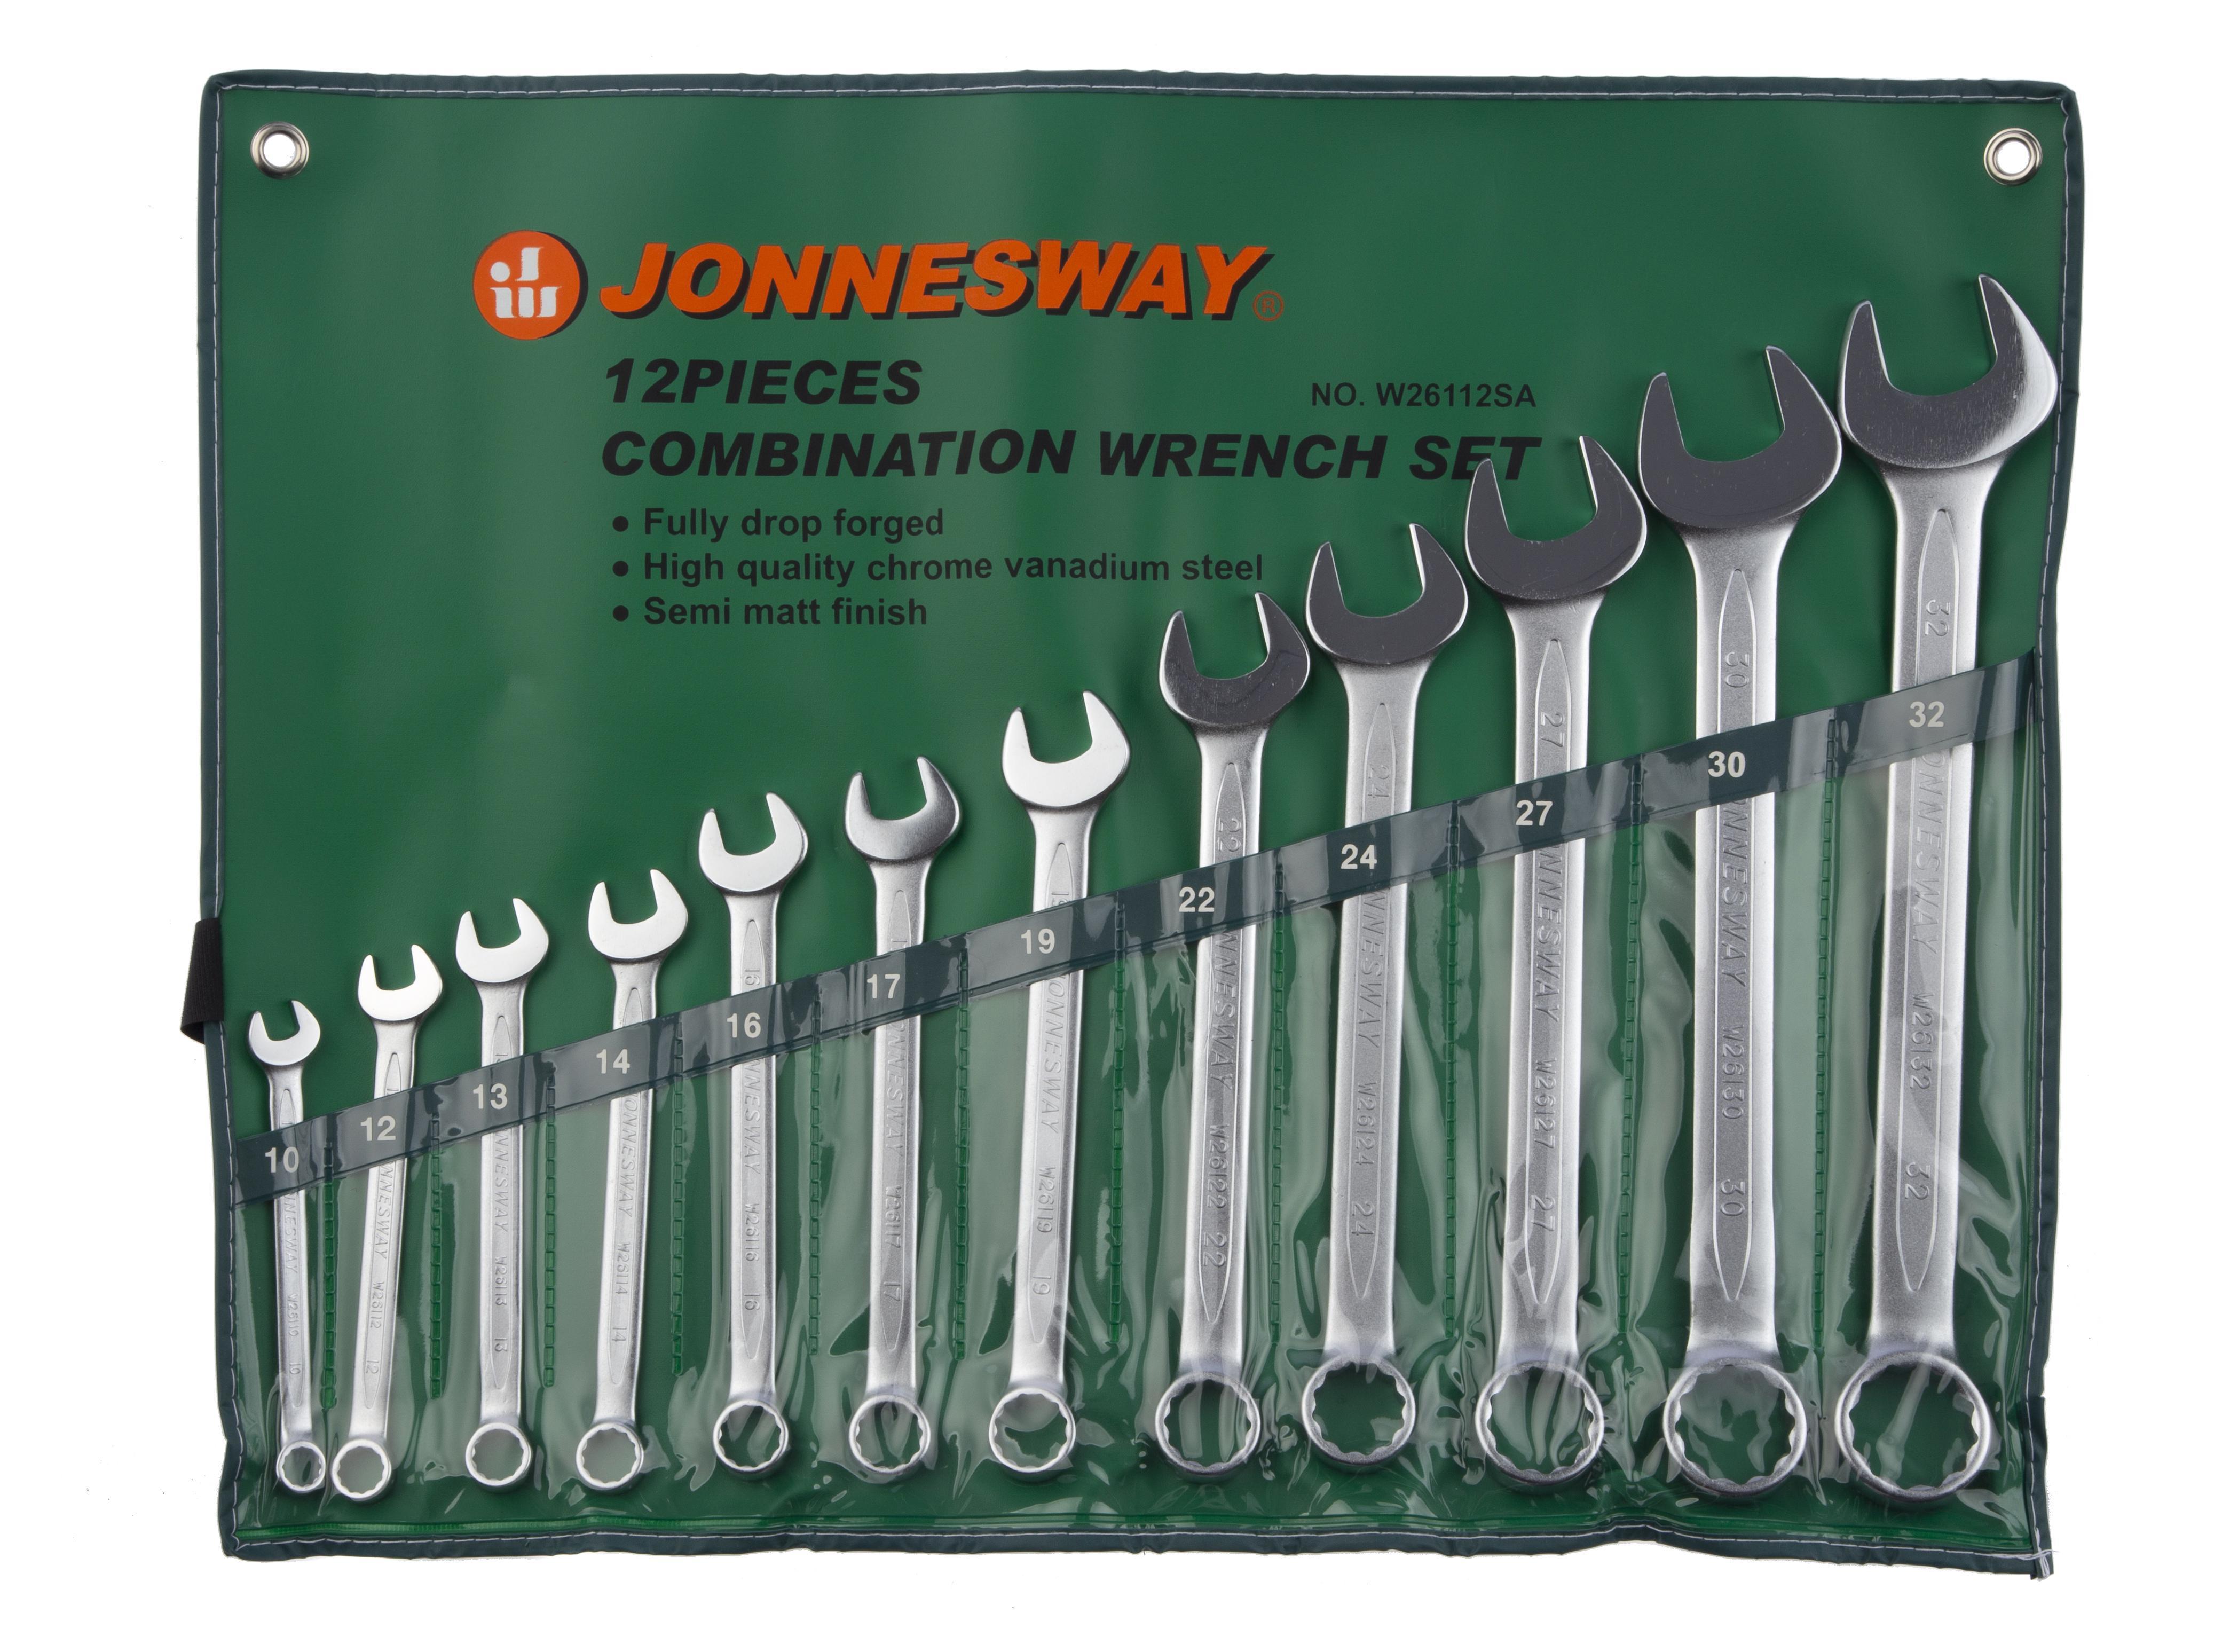 Набор комбинированных гаечных ключей в чехле, 12 шт. Jonnesway W26112sa (10 - 32 мм) набор комбинированных трещоточных ключей jonnesway w45107s 10 19мм 7 предметов